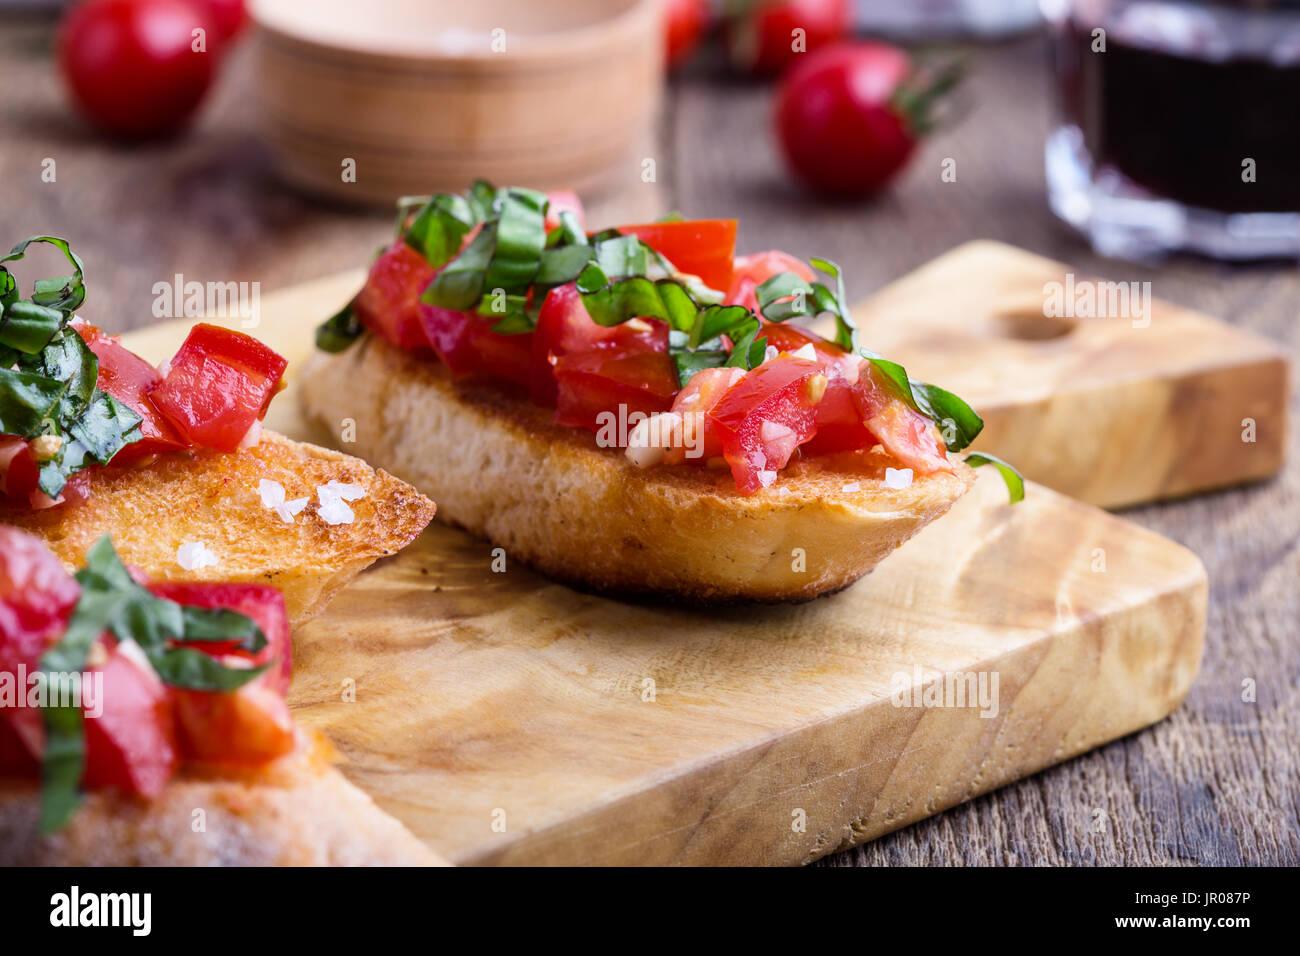 Pomodoro e Basilico bruschetta con crostini di pane all'aglio, Italiano tradizionale di antipasto rustico tagliere di legno Immagini Stock